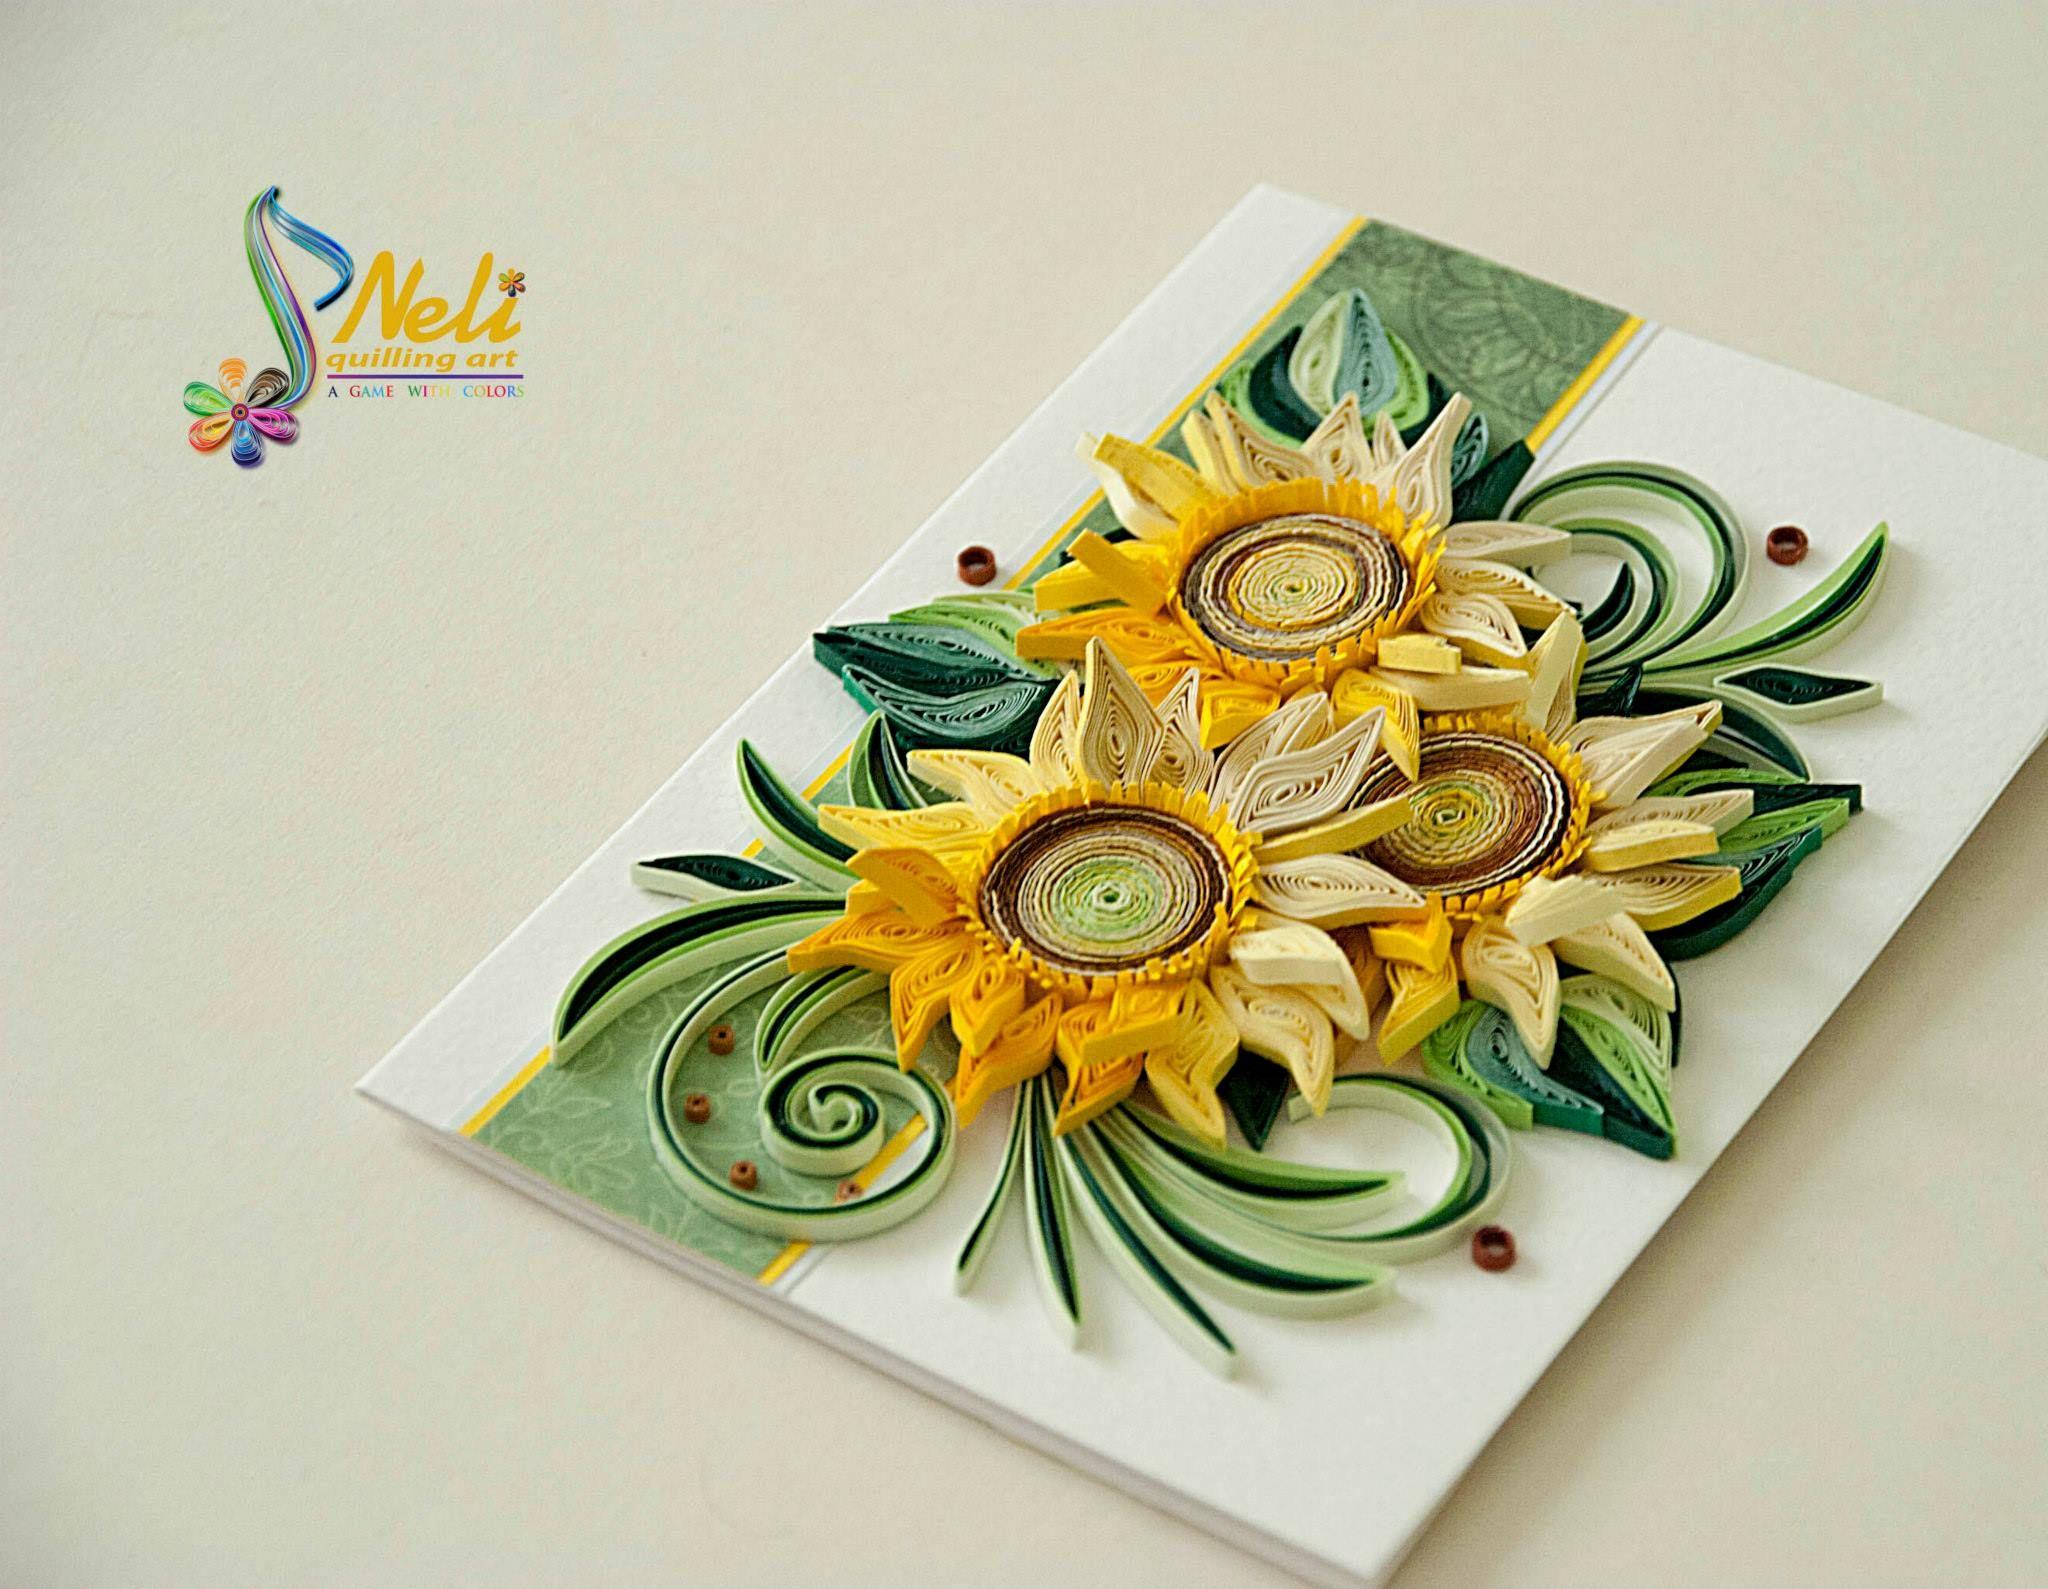 Святого валентина, объемная открытка подсолнух